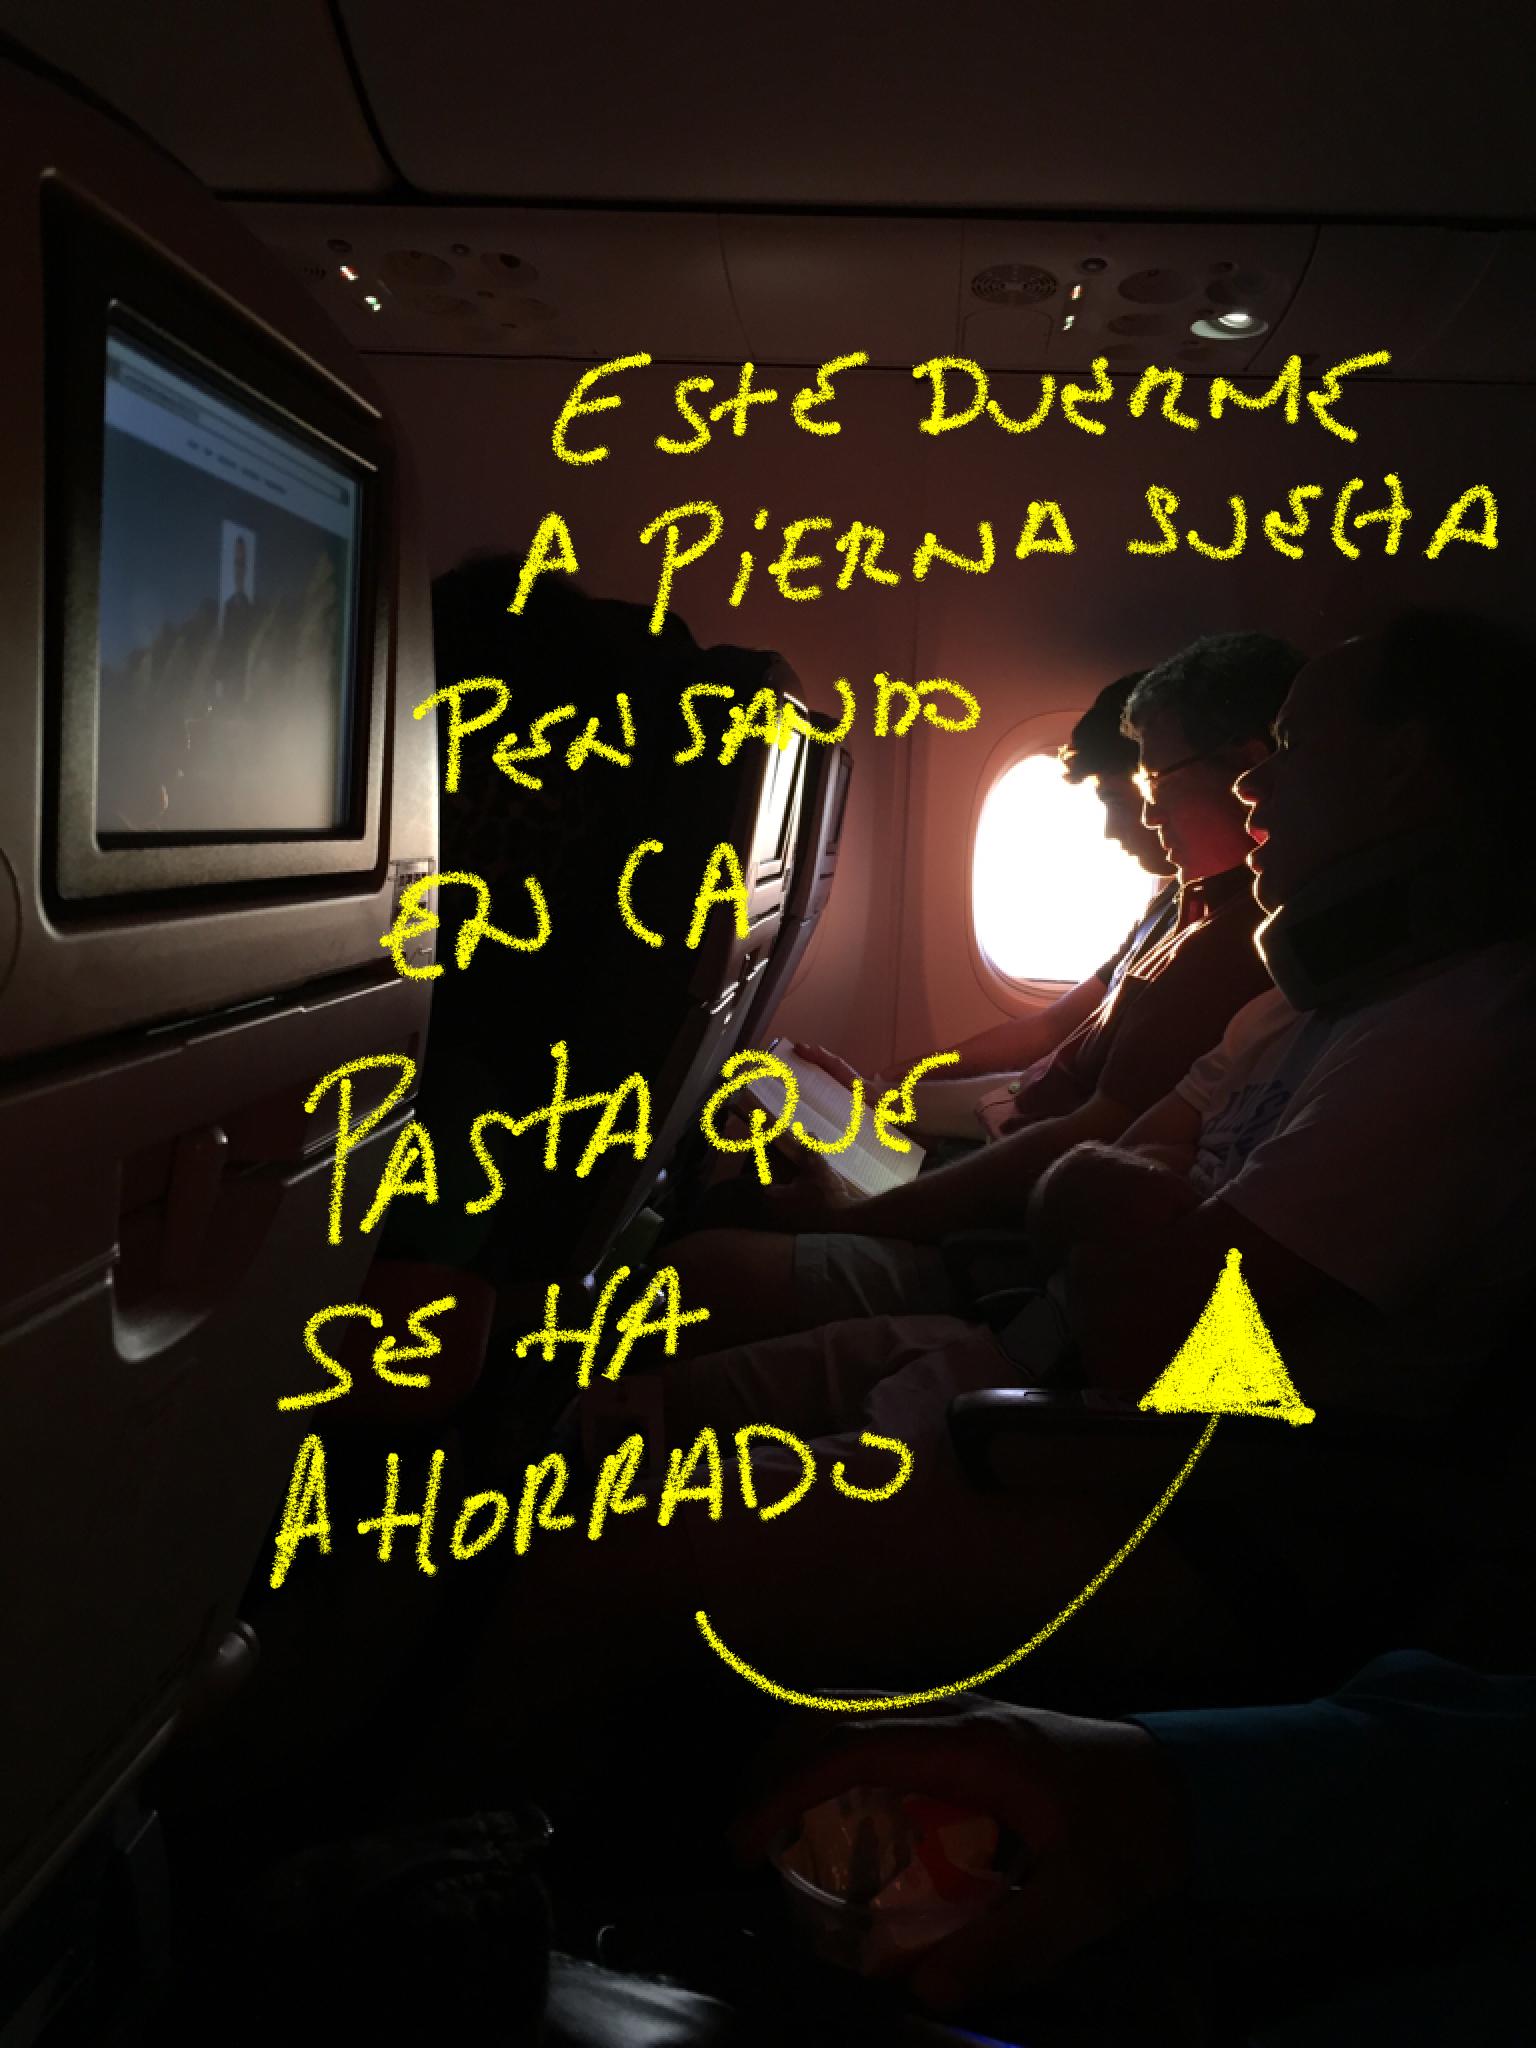 JPEG image-34D448498D00-1